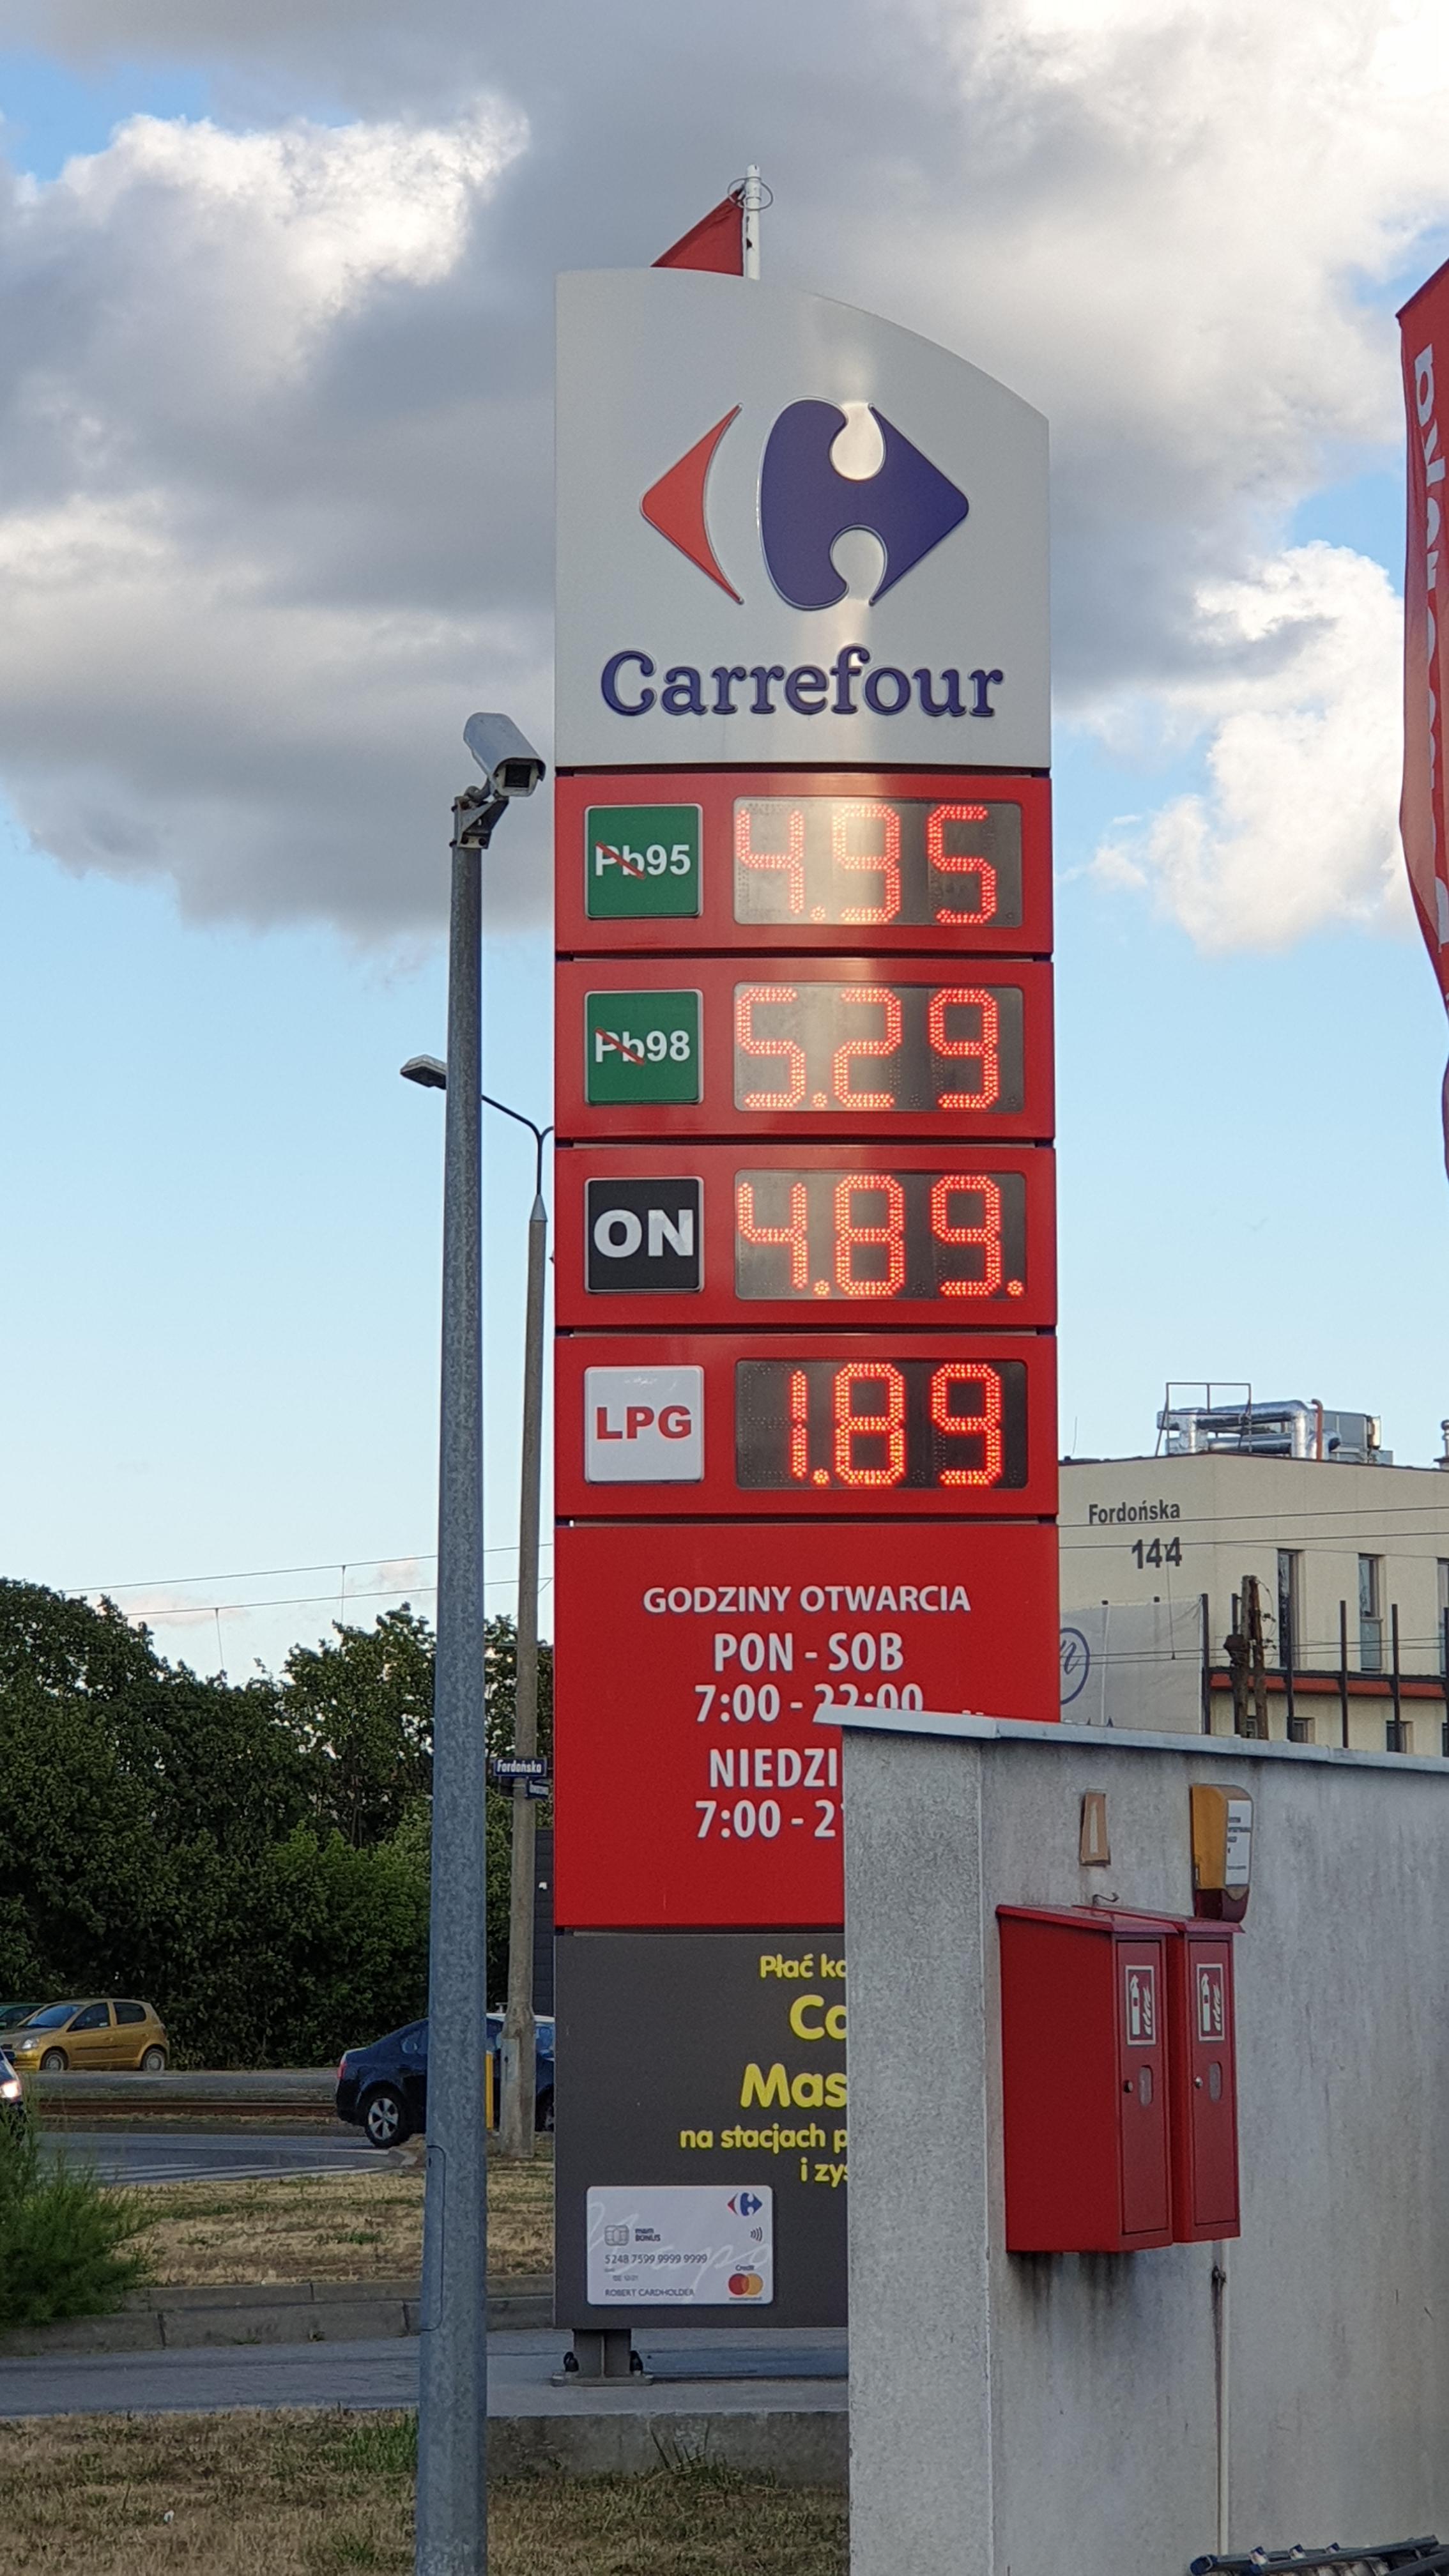 LPG 1,89zł Stacja paliw Carrefour Bydgoszcz Benzyna 4,95zł Diesel 4,89zł